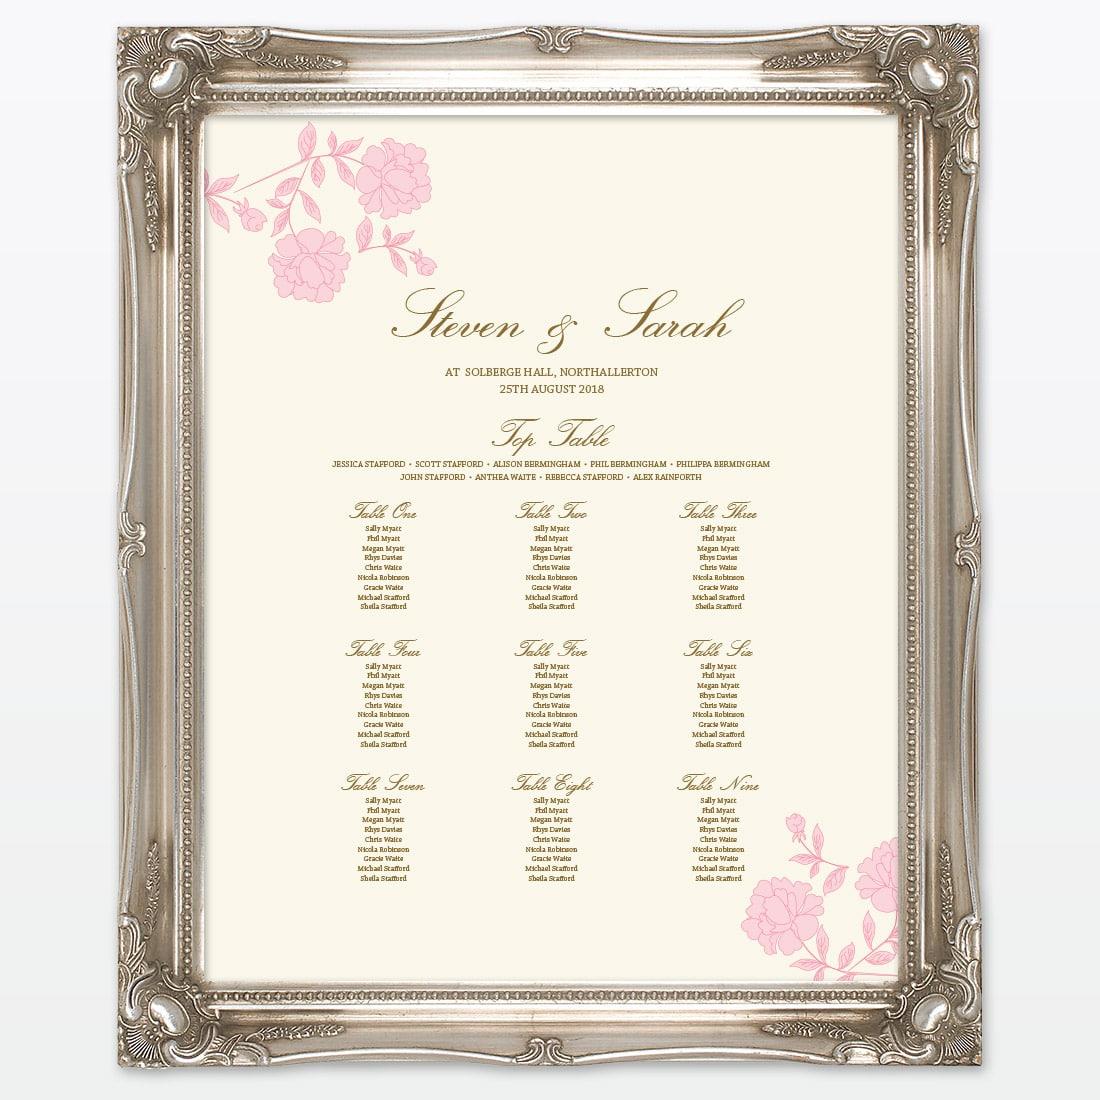 Vintage Rose Table Plan - Love Invited - Luxury Wedding Invitations ...